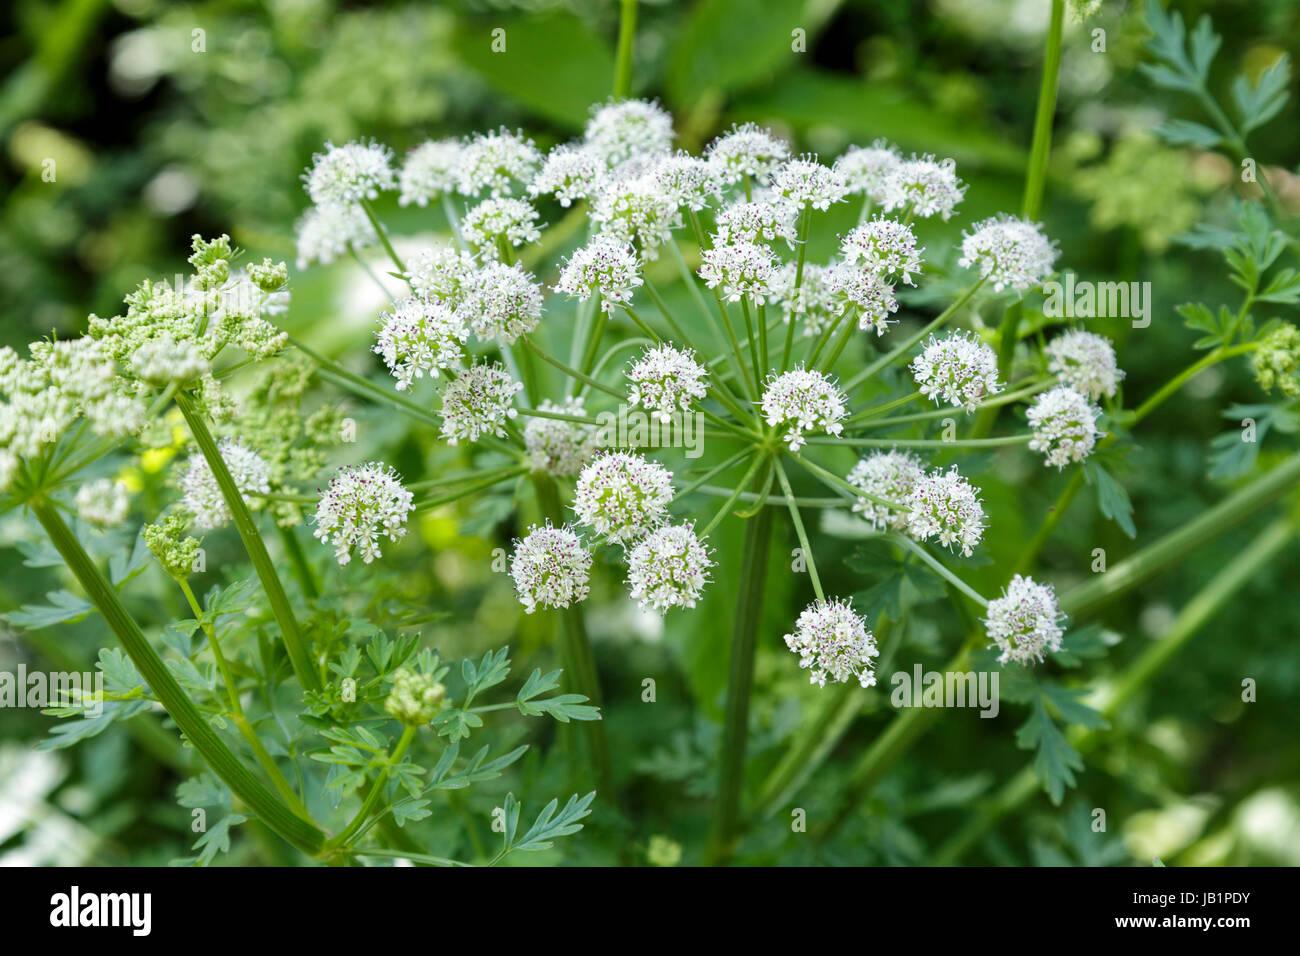 Hemlock Water Dropwort, Oenanthe crocata - Stock Image